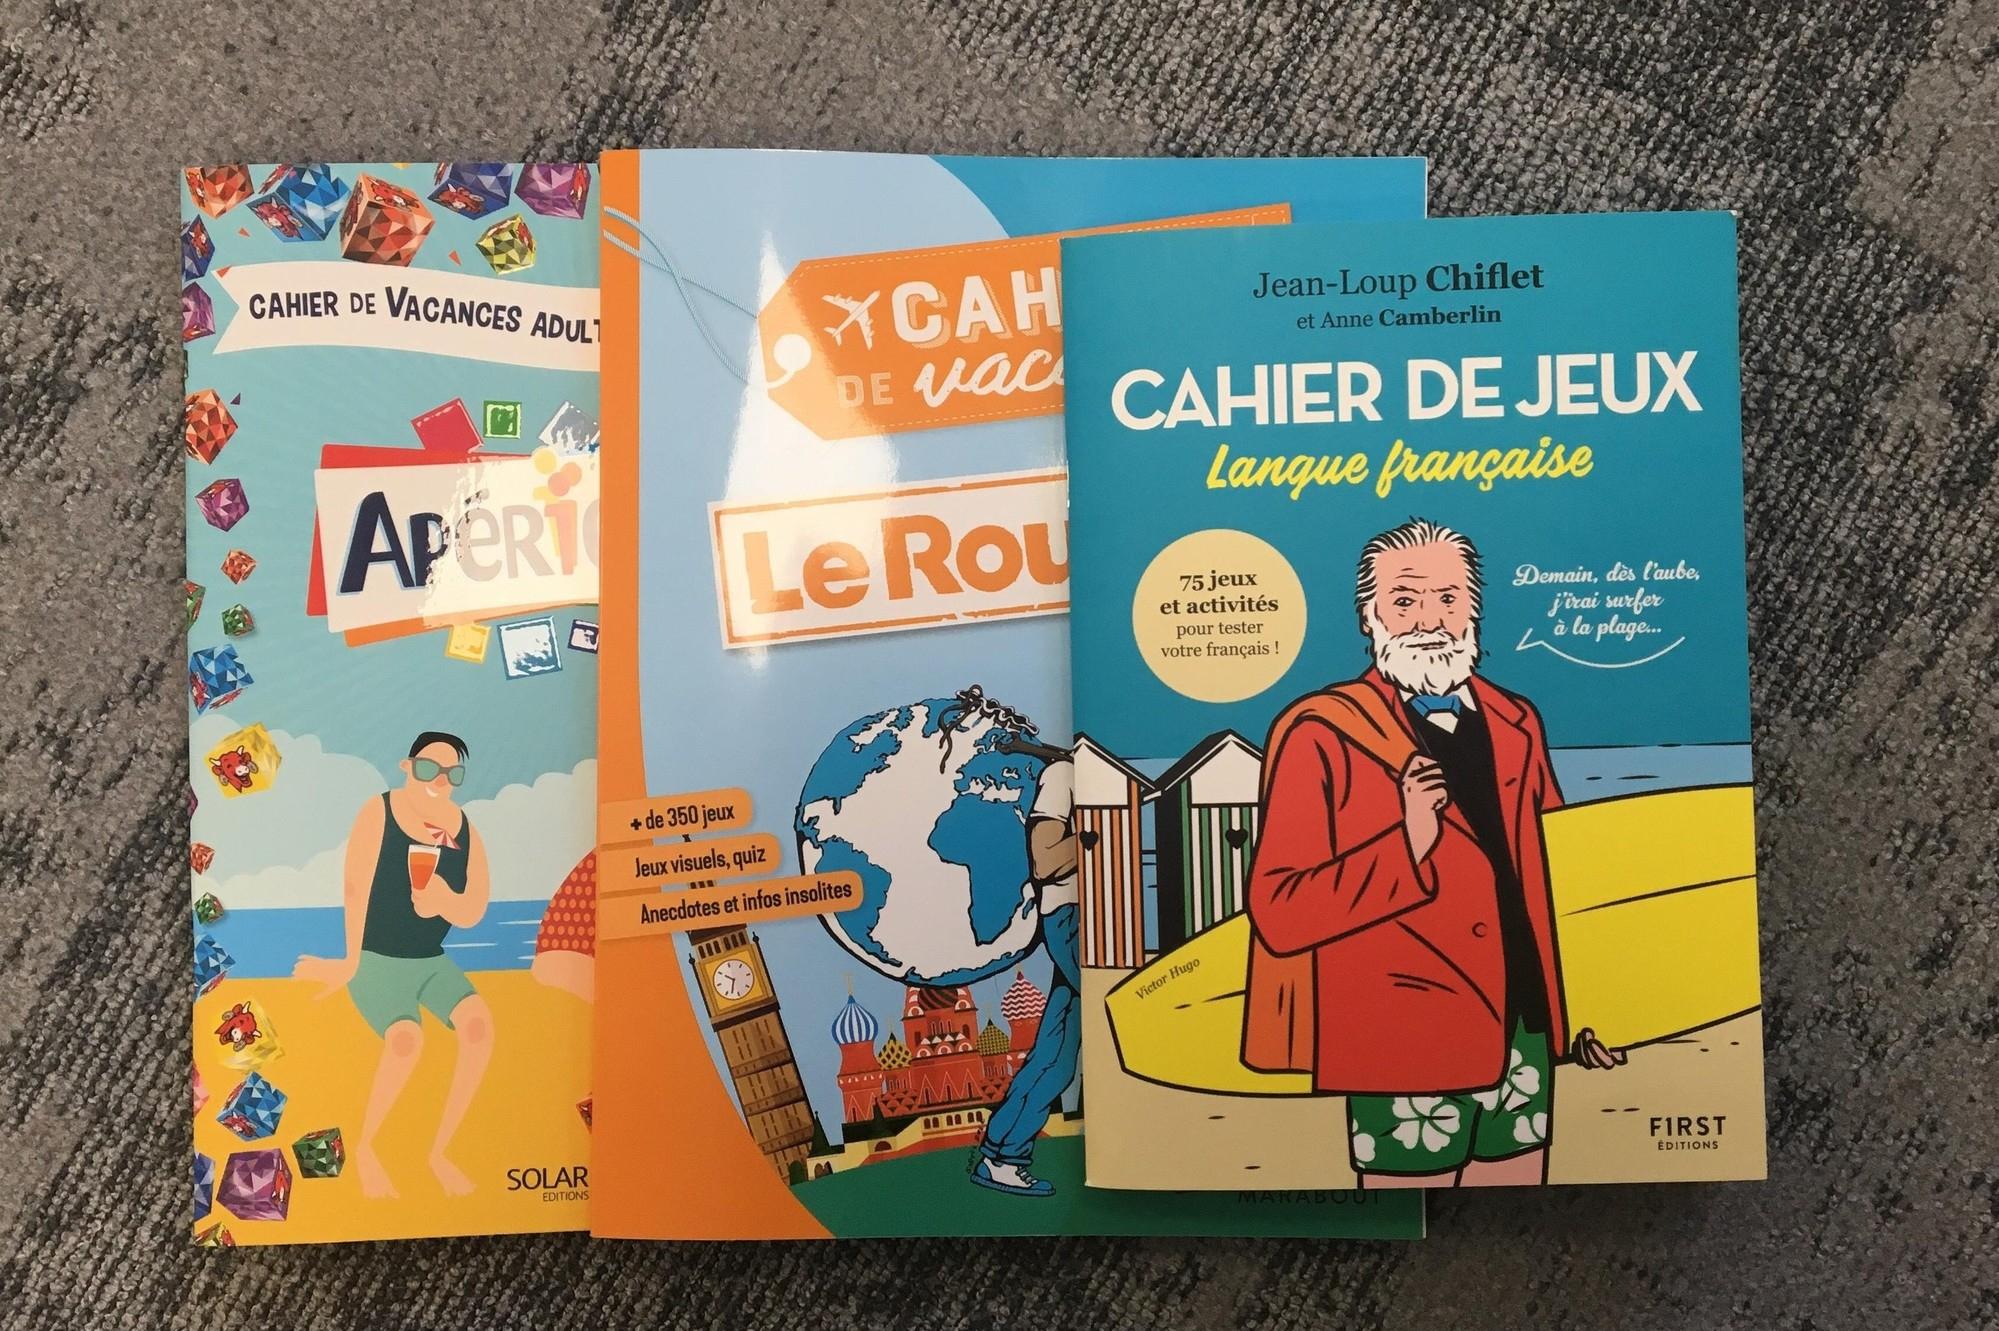 Été 2019 : 3 Cahiers De Vacances Pour Adultes À Mettre Dans destiné Cahier De Vacances Adultes Gratuit